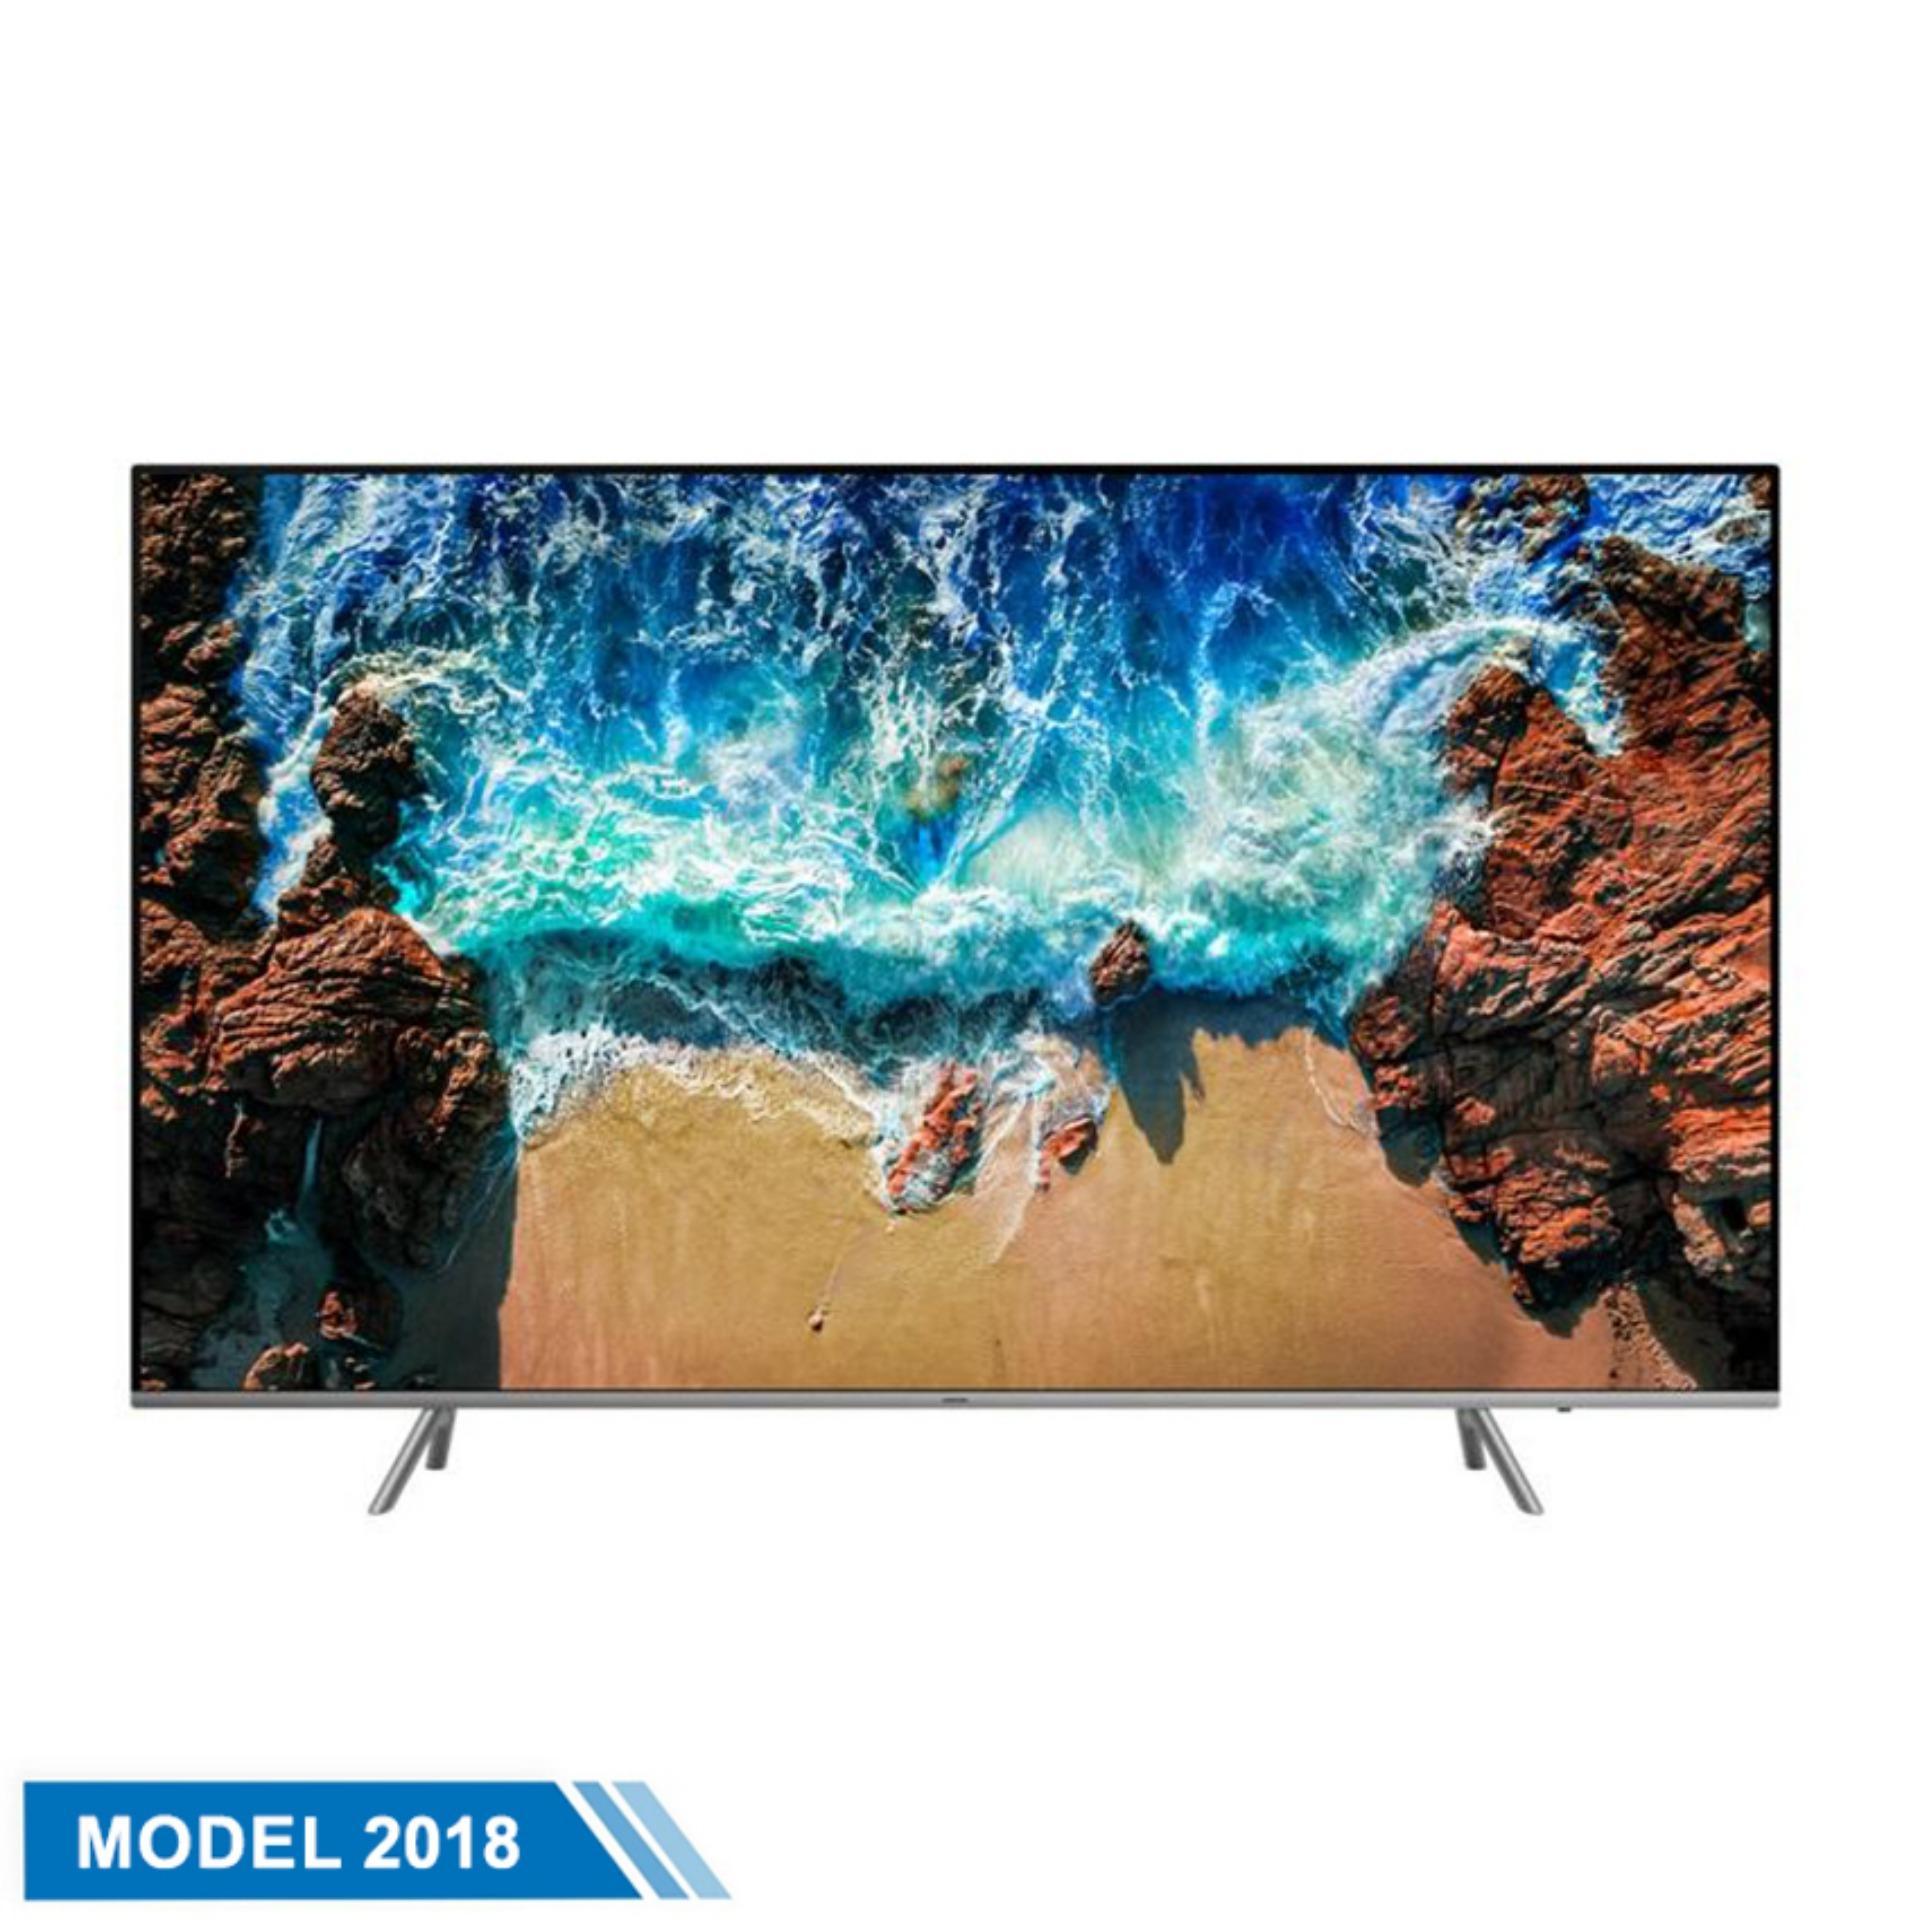 Smart TV Samsung UHD  55inch 4K Ultra HD - Model UA55NU8000KXXV (Đen) - Hãng phân phối chính thức chính hãng